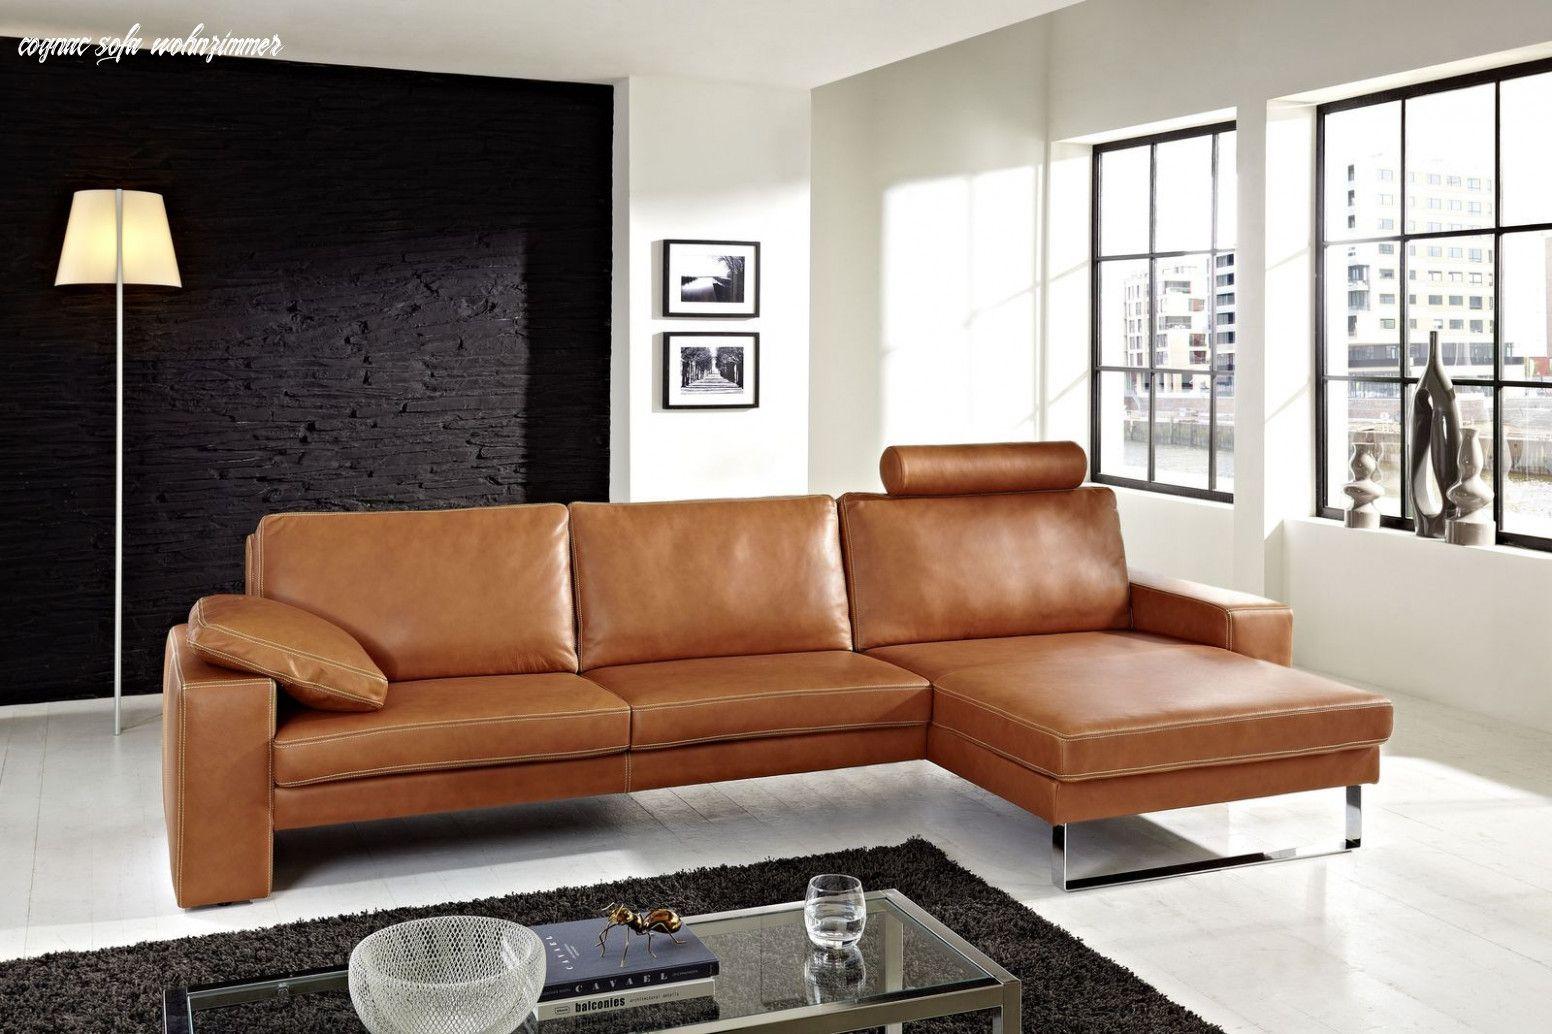 Die Schlechtesten Ratschläge, Die Wir Für Cognac Sofa Wohnzimmer Gehört Haben